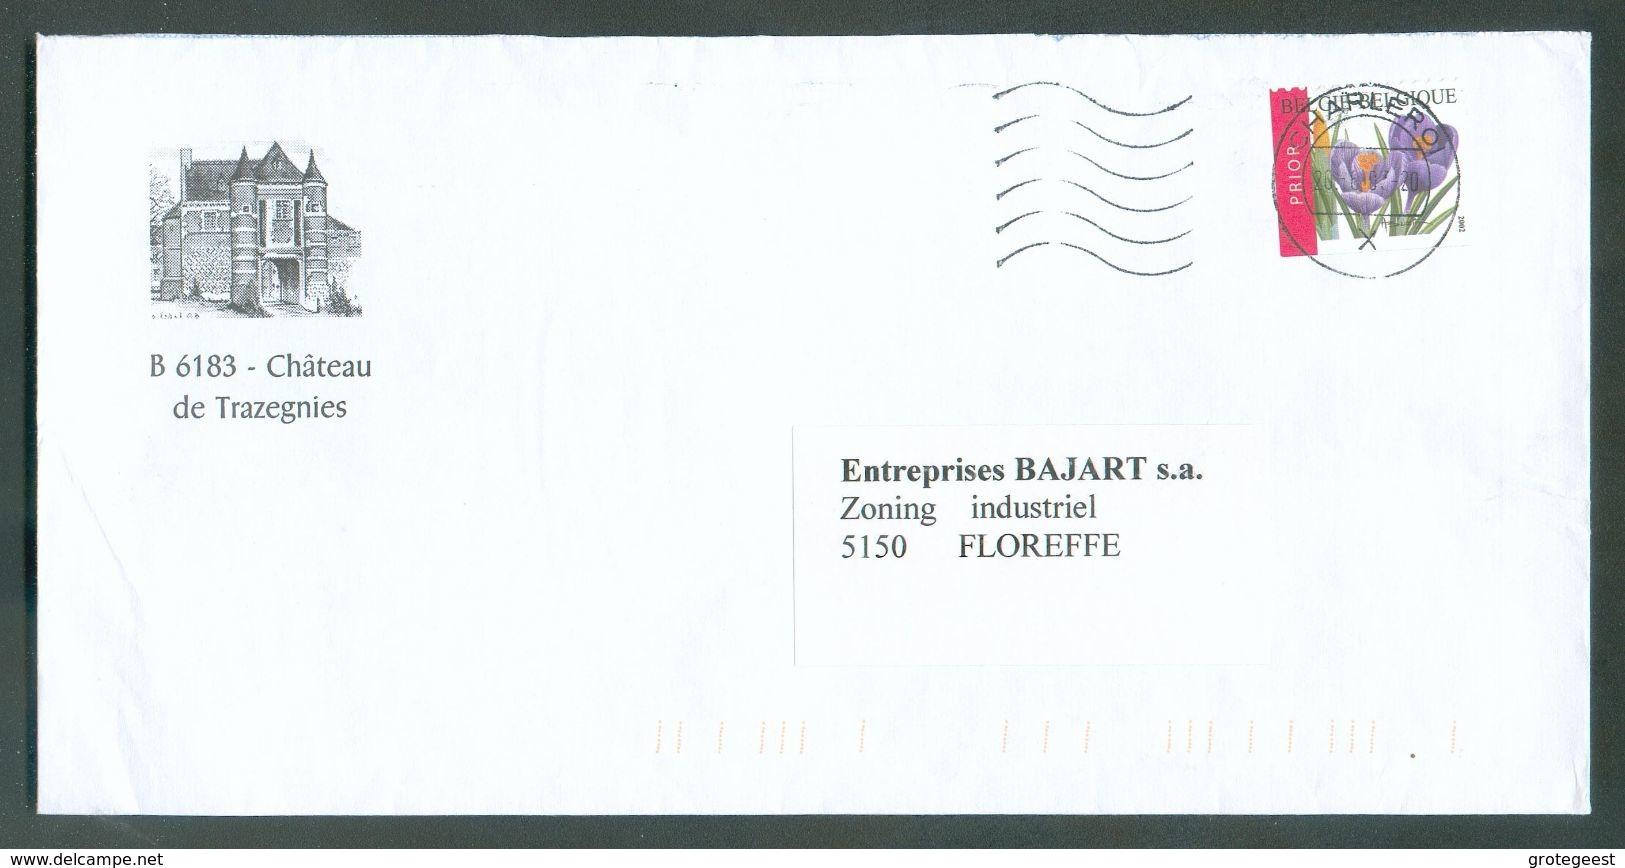 Belgique Lettre Affr. De CHARLEROI 20-6-2003 Vers FLoreffe - Illustrée CHATEAU DE TRAZEGNIES - 12438 - Schlösser U. Burgen